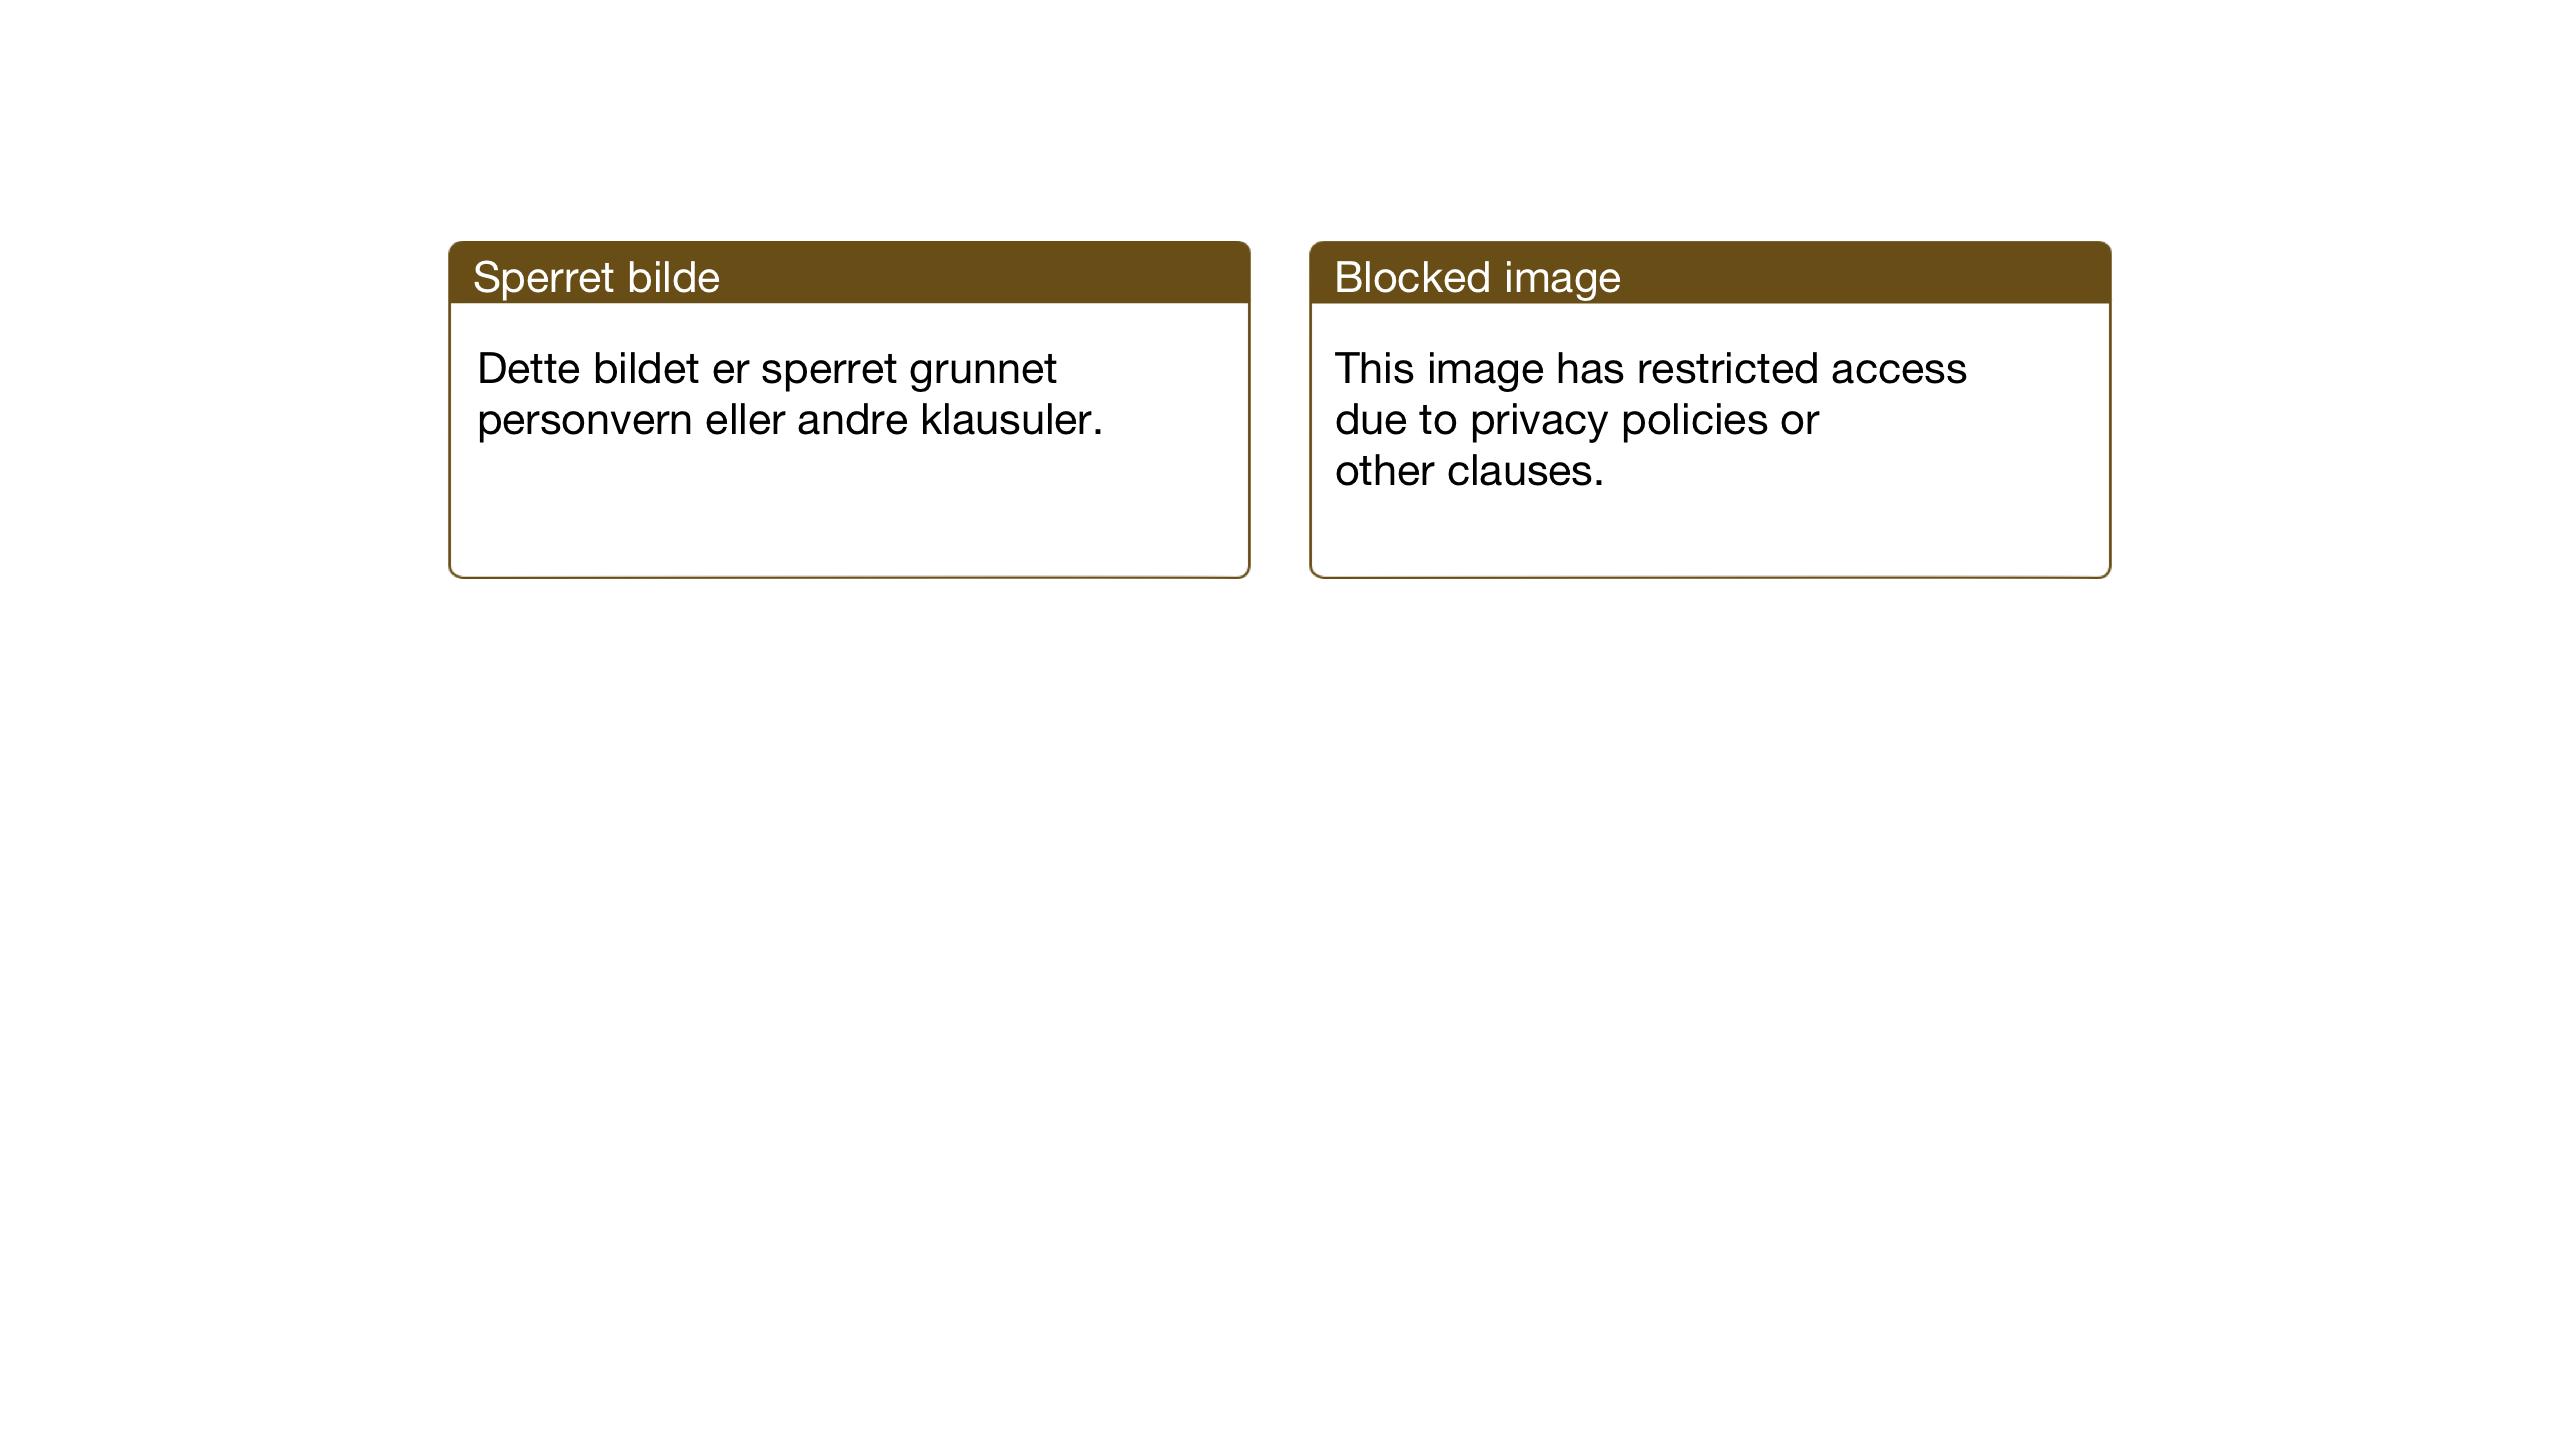 SAT, Ministerialprotokoller, klokkerbøker og fødselsregistre - Nord-Trøndelag, 739/L0377: Klokkerbok nr. 739C05, 1940-1947, s. 13